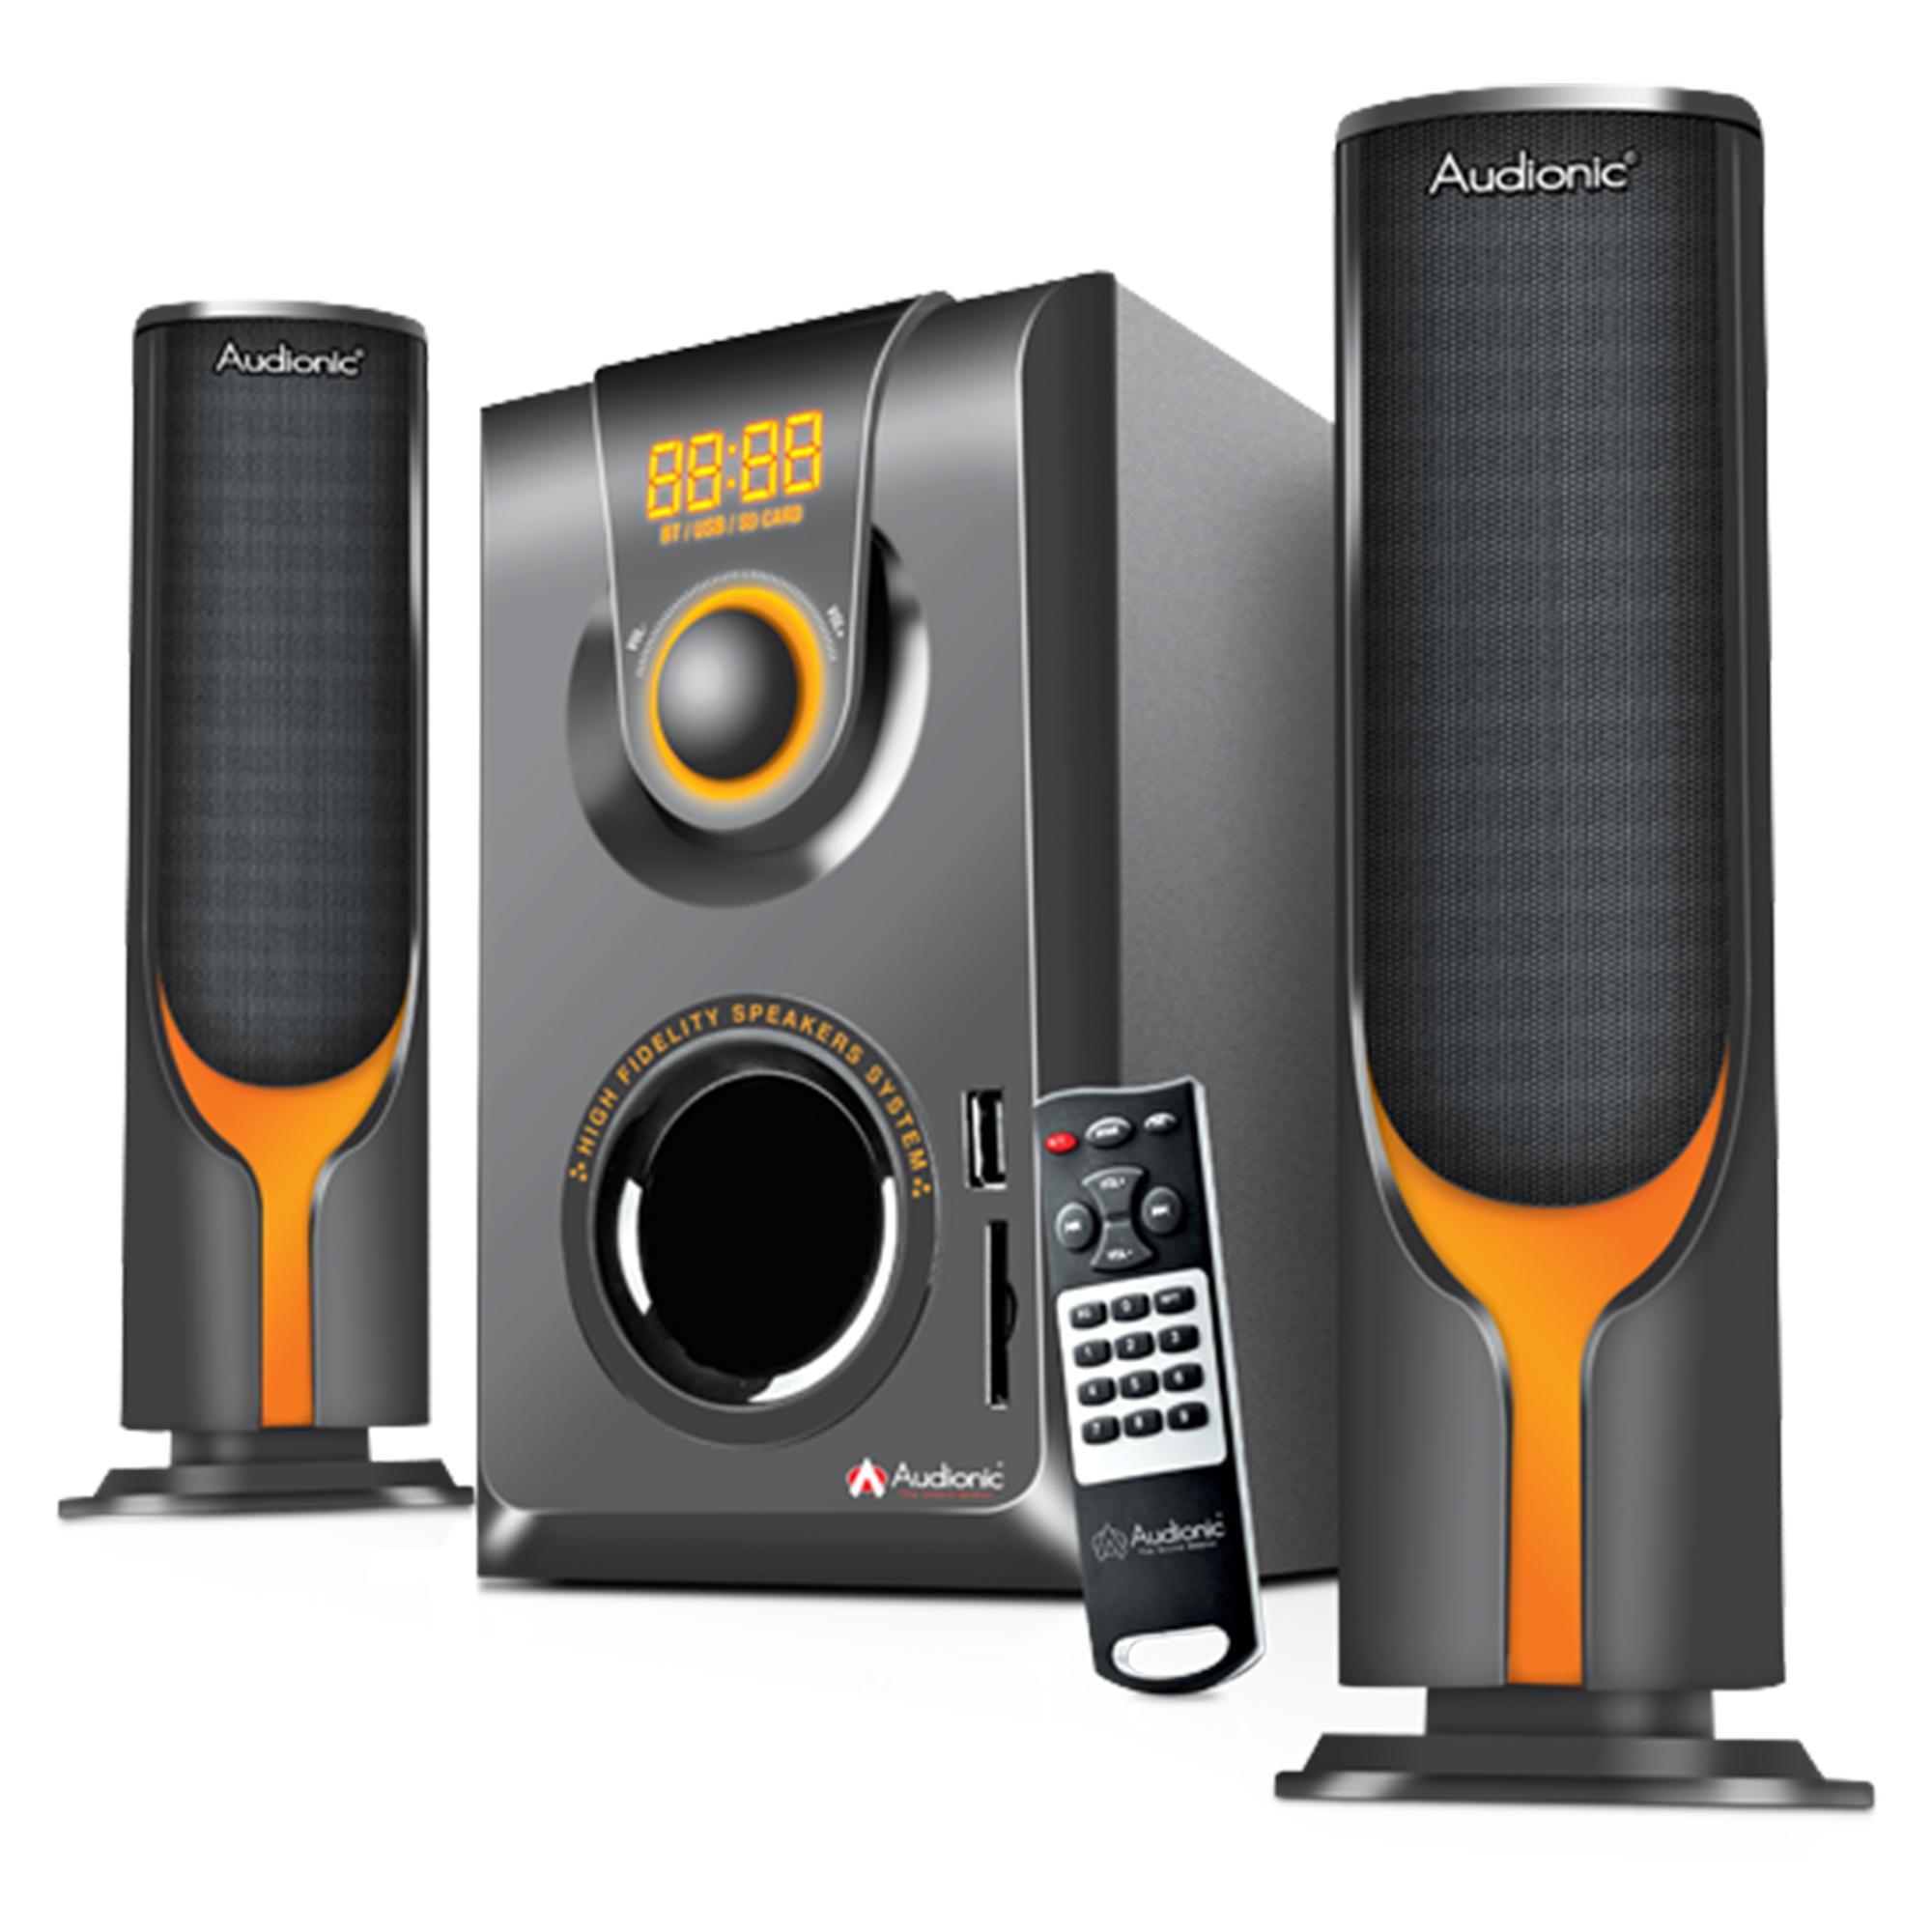 709eeb7a14c Audionic AD-7000 - Hi-Fi Woofer Speaker - Black